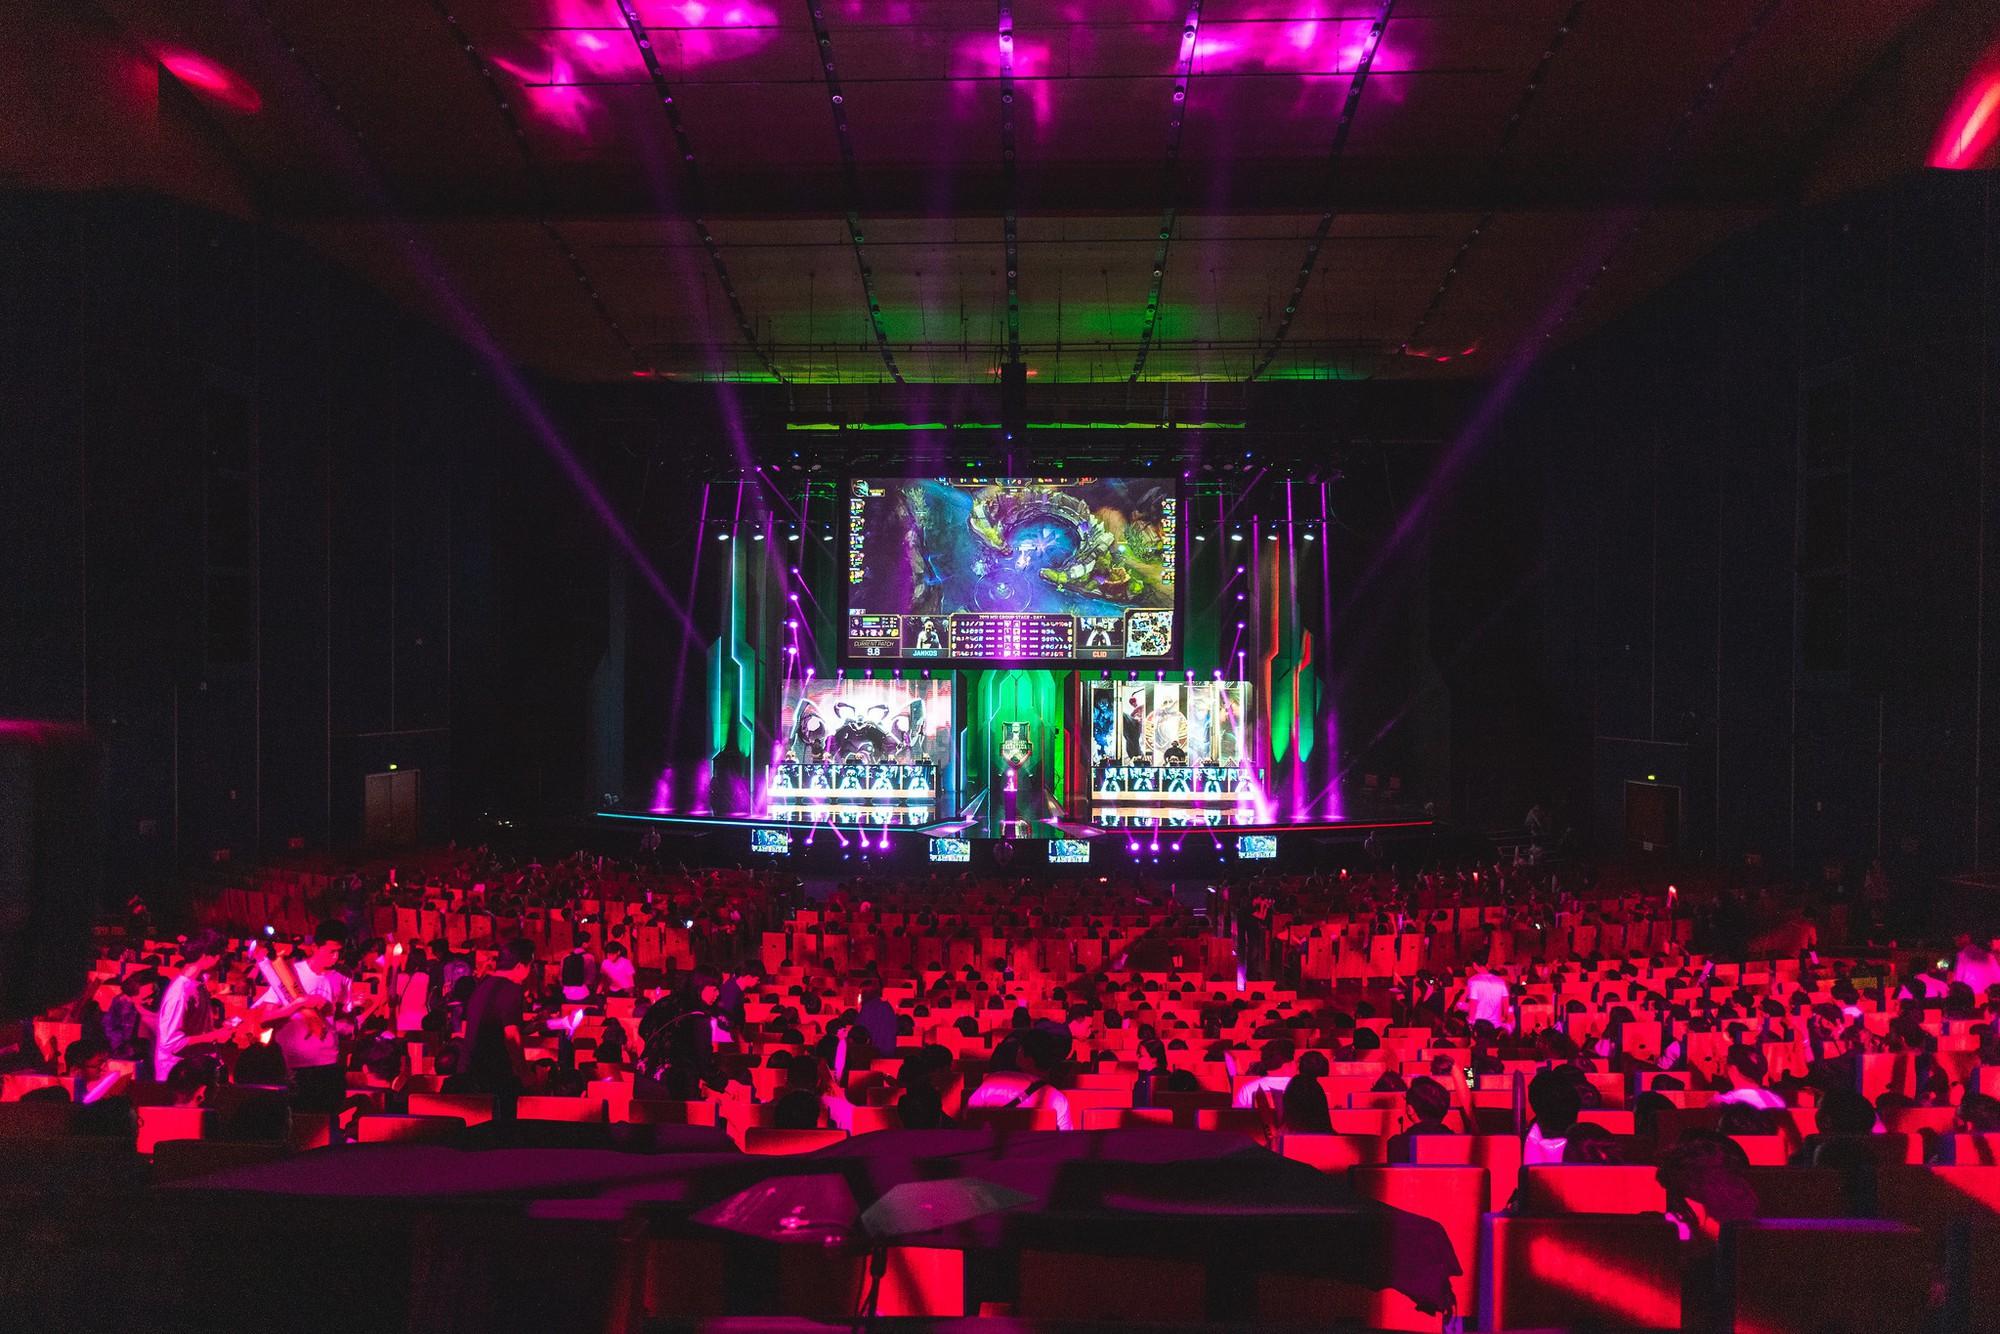 Những khoảnh khắc ấn tượng nhất MSI 2019 trong lần đầu diễn ra tại Việt Nam - Ảnh 7.